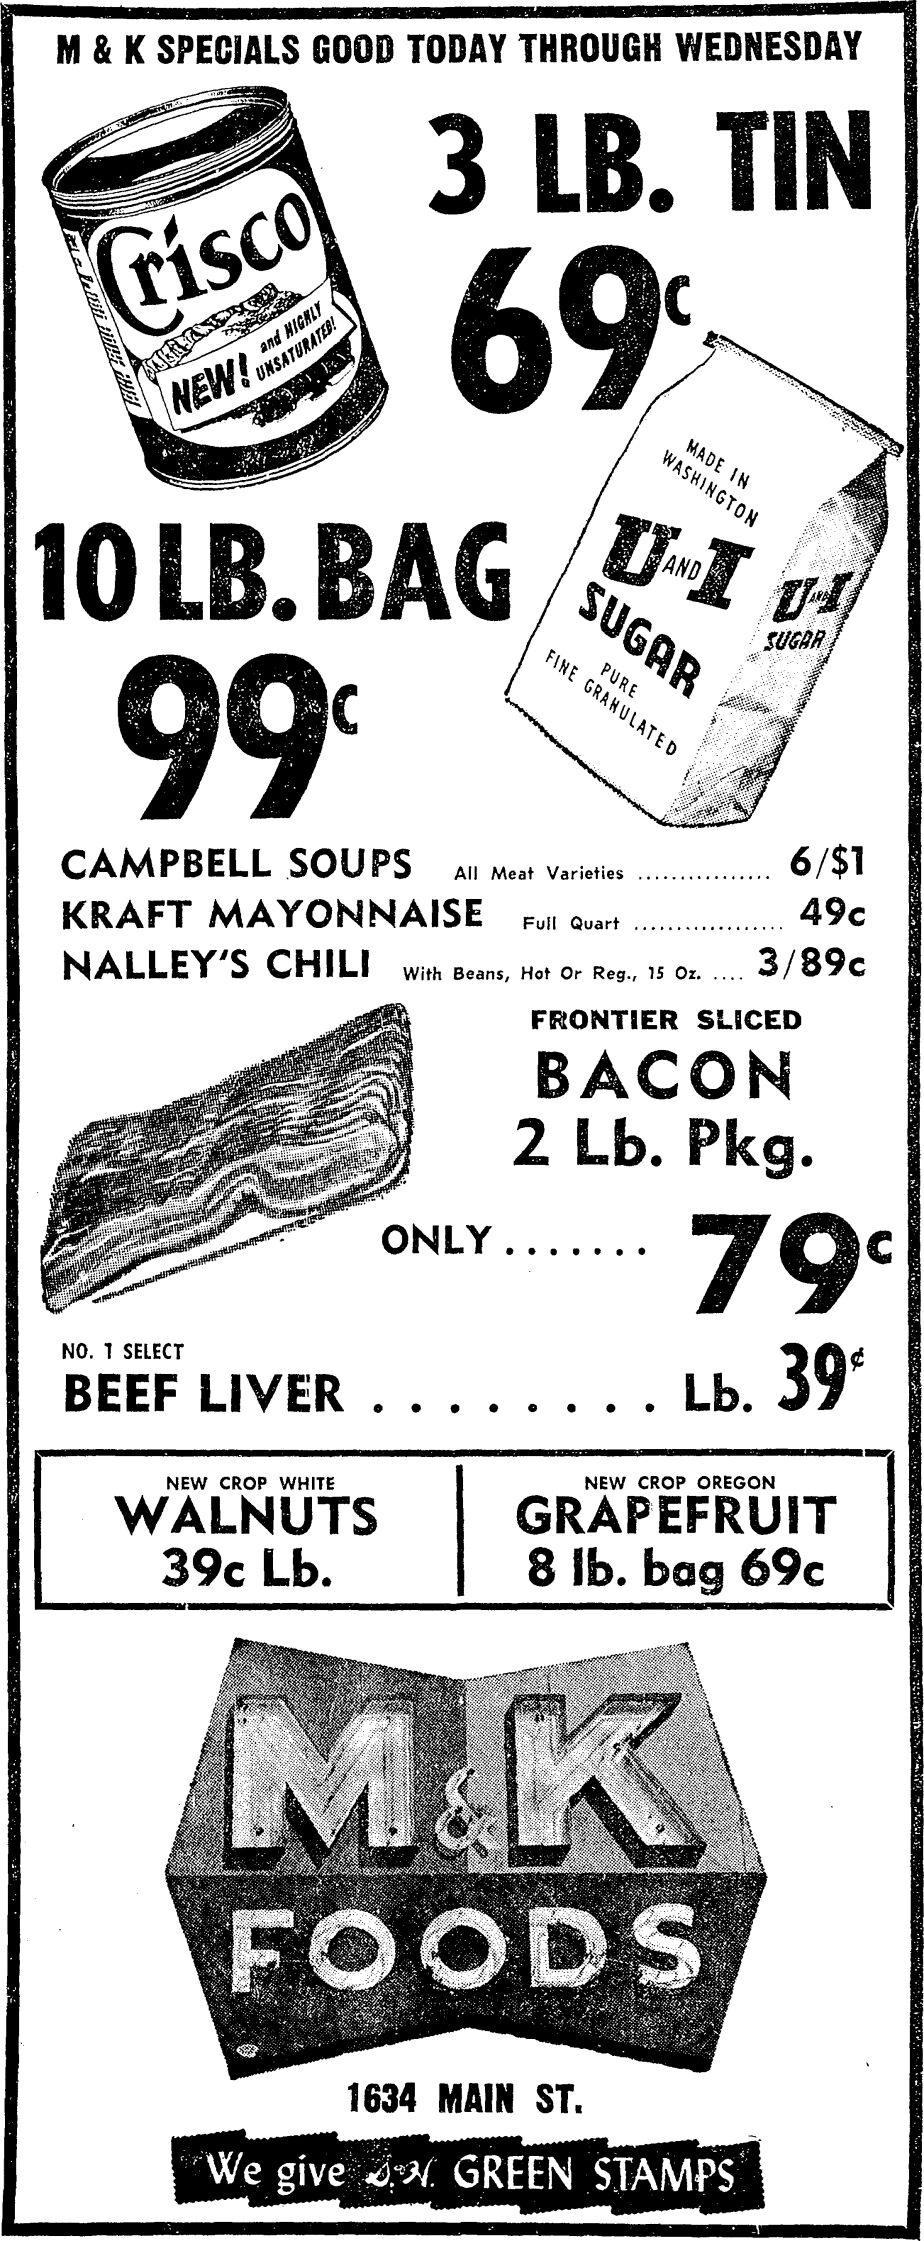 FB 11 30 1964 M&K Foods.jpg